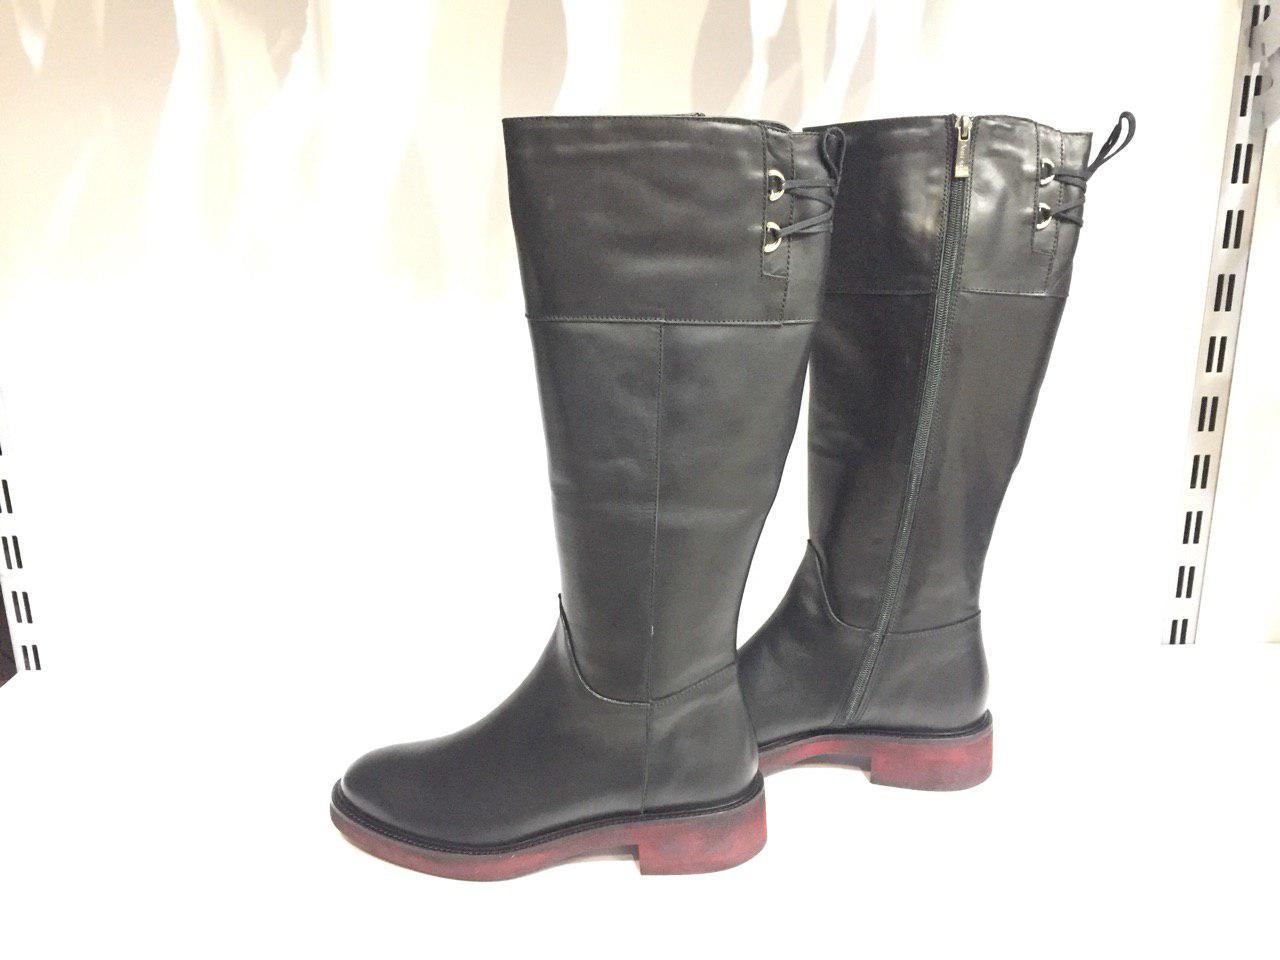 6a73f4e8cbfd23 Зимові шкіряні жіночі чоботи / Зимние кожаные женские сапоги 37 ...